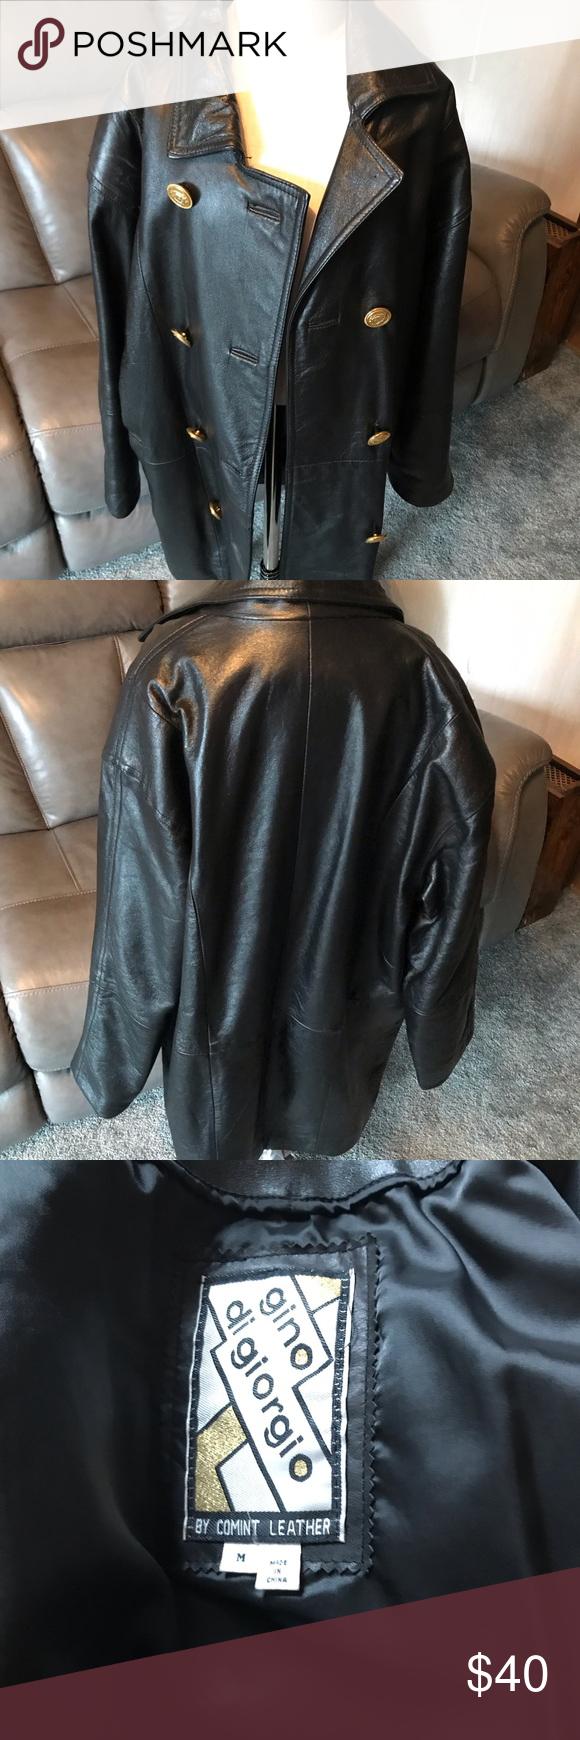 Vintage Leather Coat Jacket Size M Leather Coat Jacket Leather Coat Vintage Leather [ 1740 x 580 Pixel ]